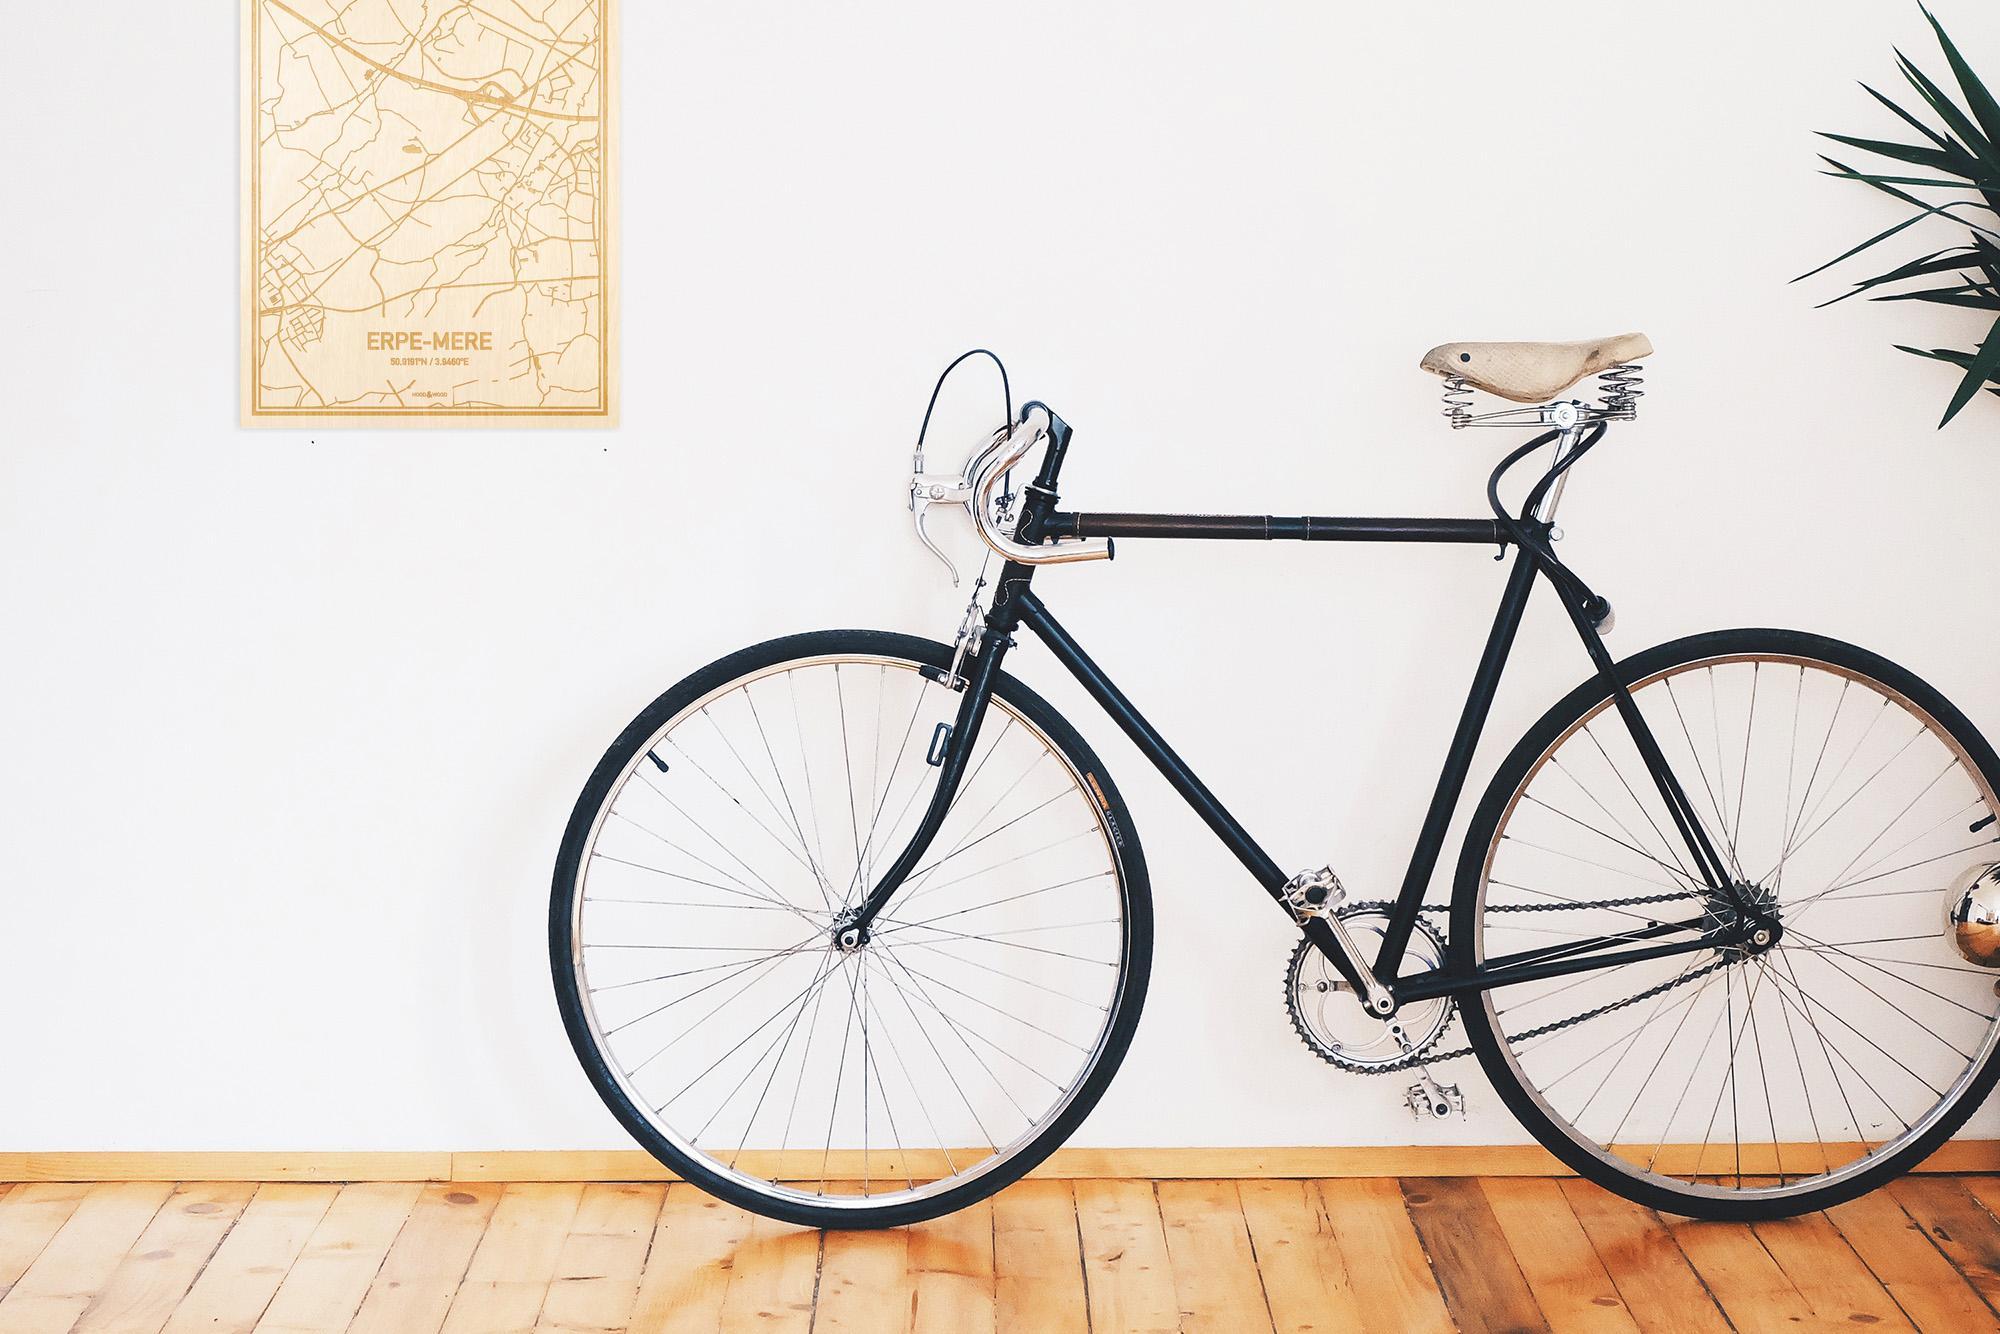 Een snelle fiets in een uniek interieur in Oost-Vlaanderen  met mooie decoratie zoals de plattegrond Erpe-Mere.